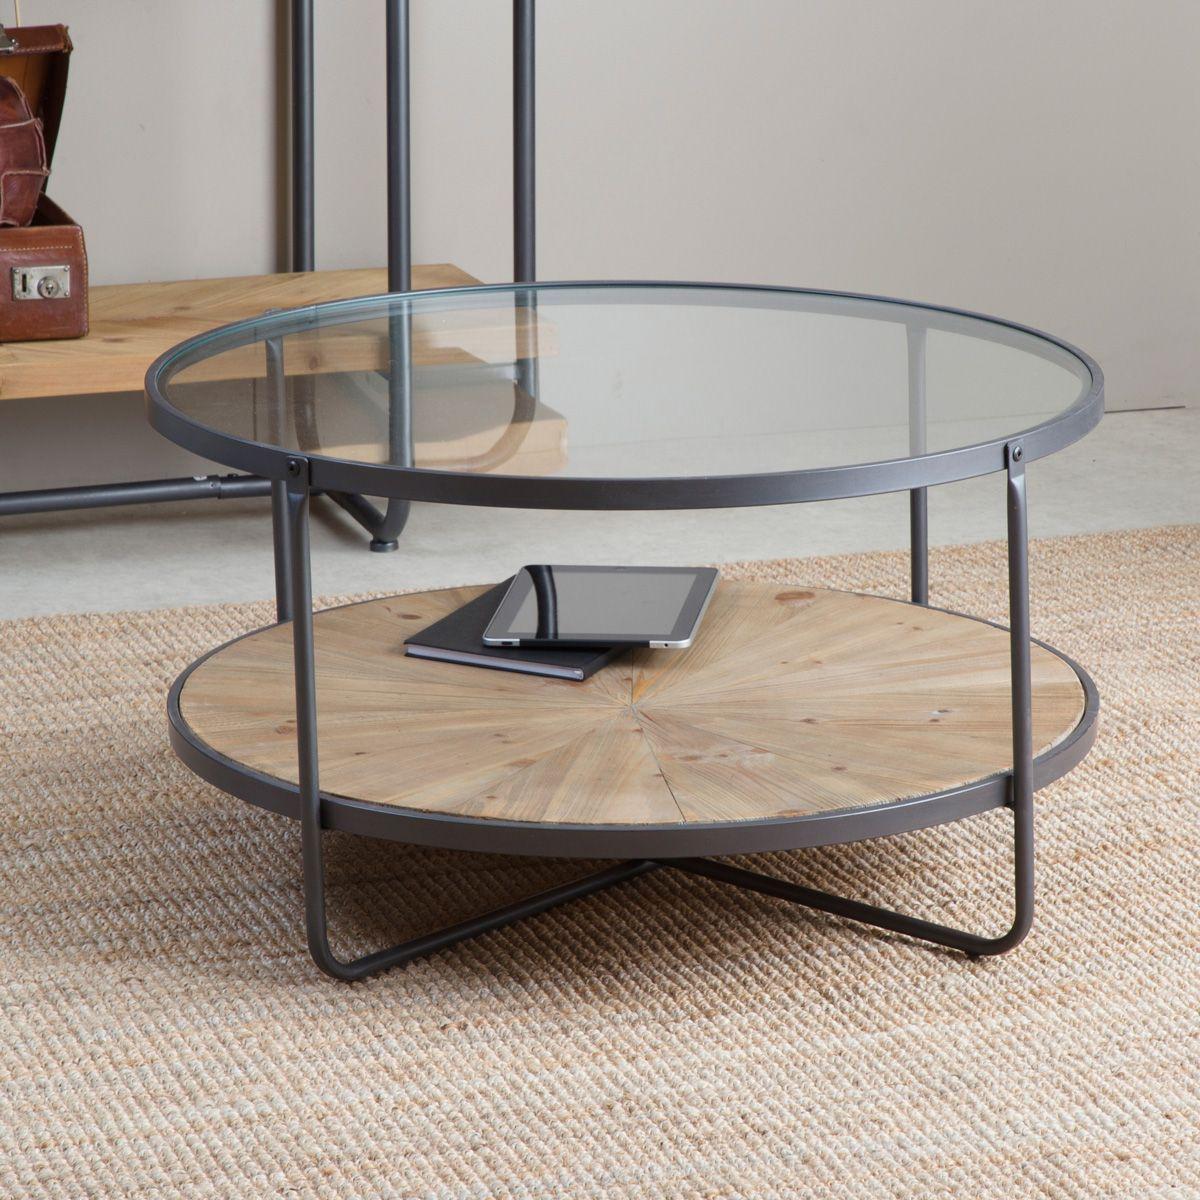 Table Basse Industrielle Ronde 2 Plateaux Verre Et Bois Table Basse Industrielle Table Basse Table Ronde En Verre